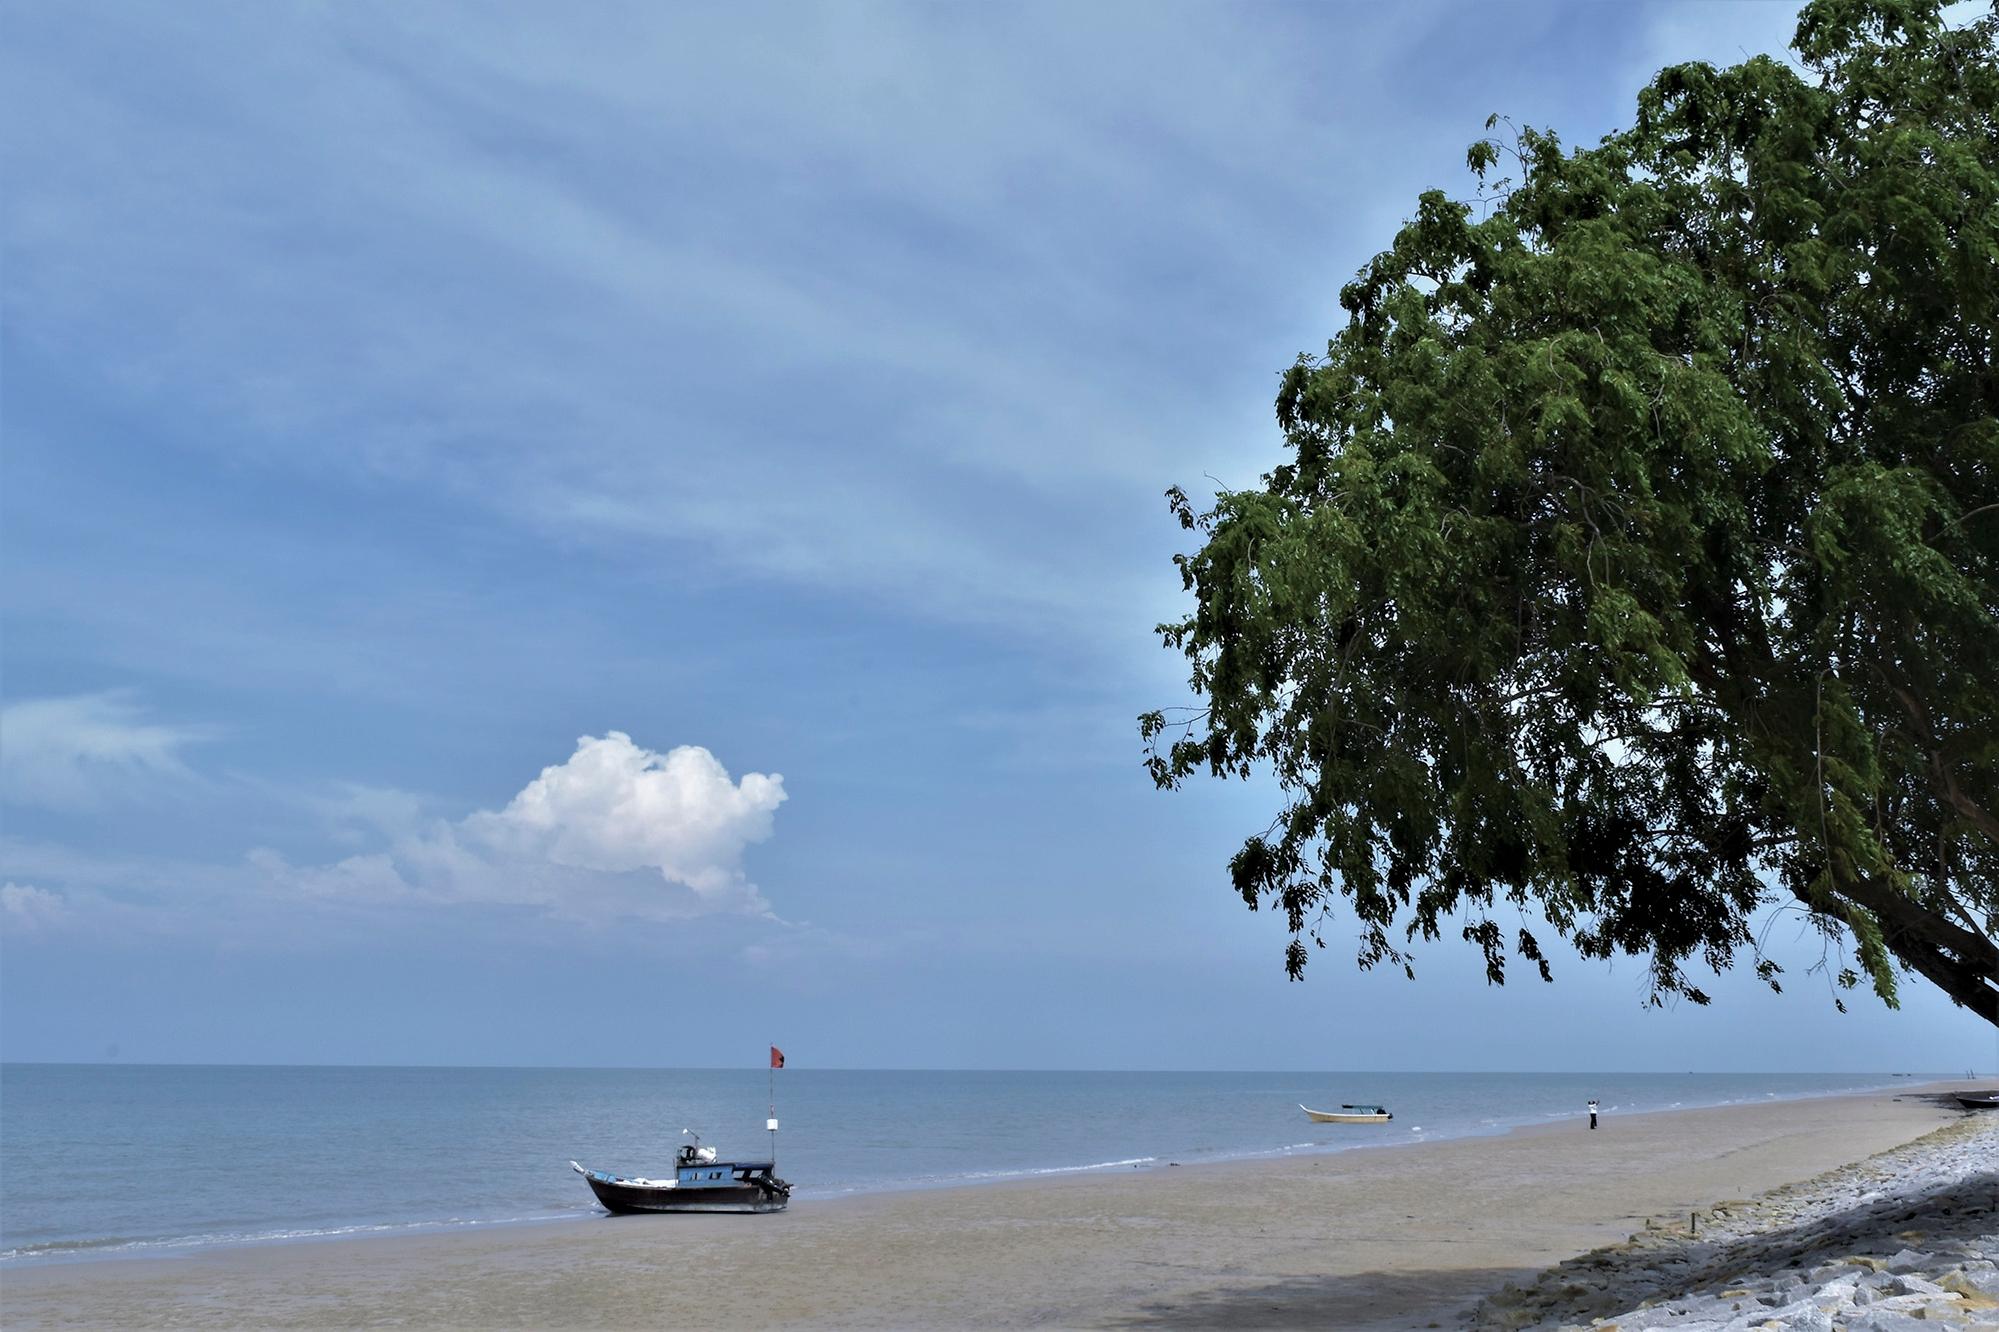 Pulau Rupat Bakal Jadi Beranda Terdepan Pariwisata Indonesia